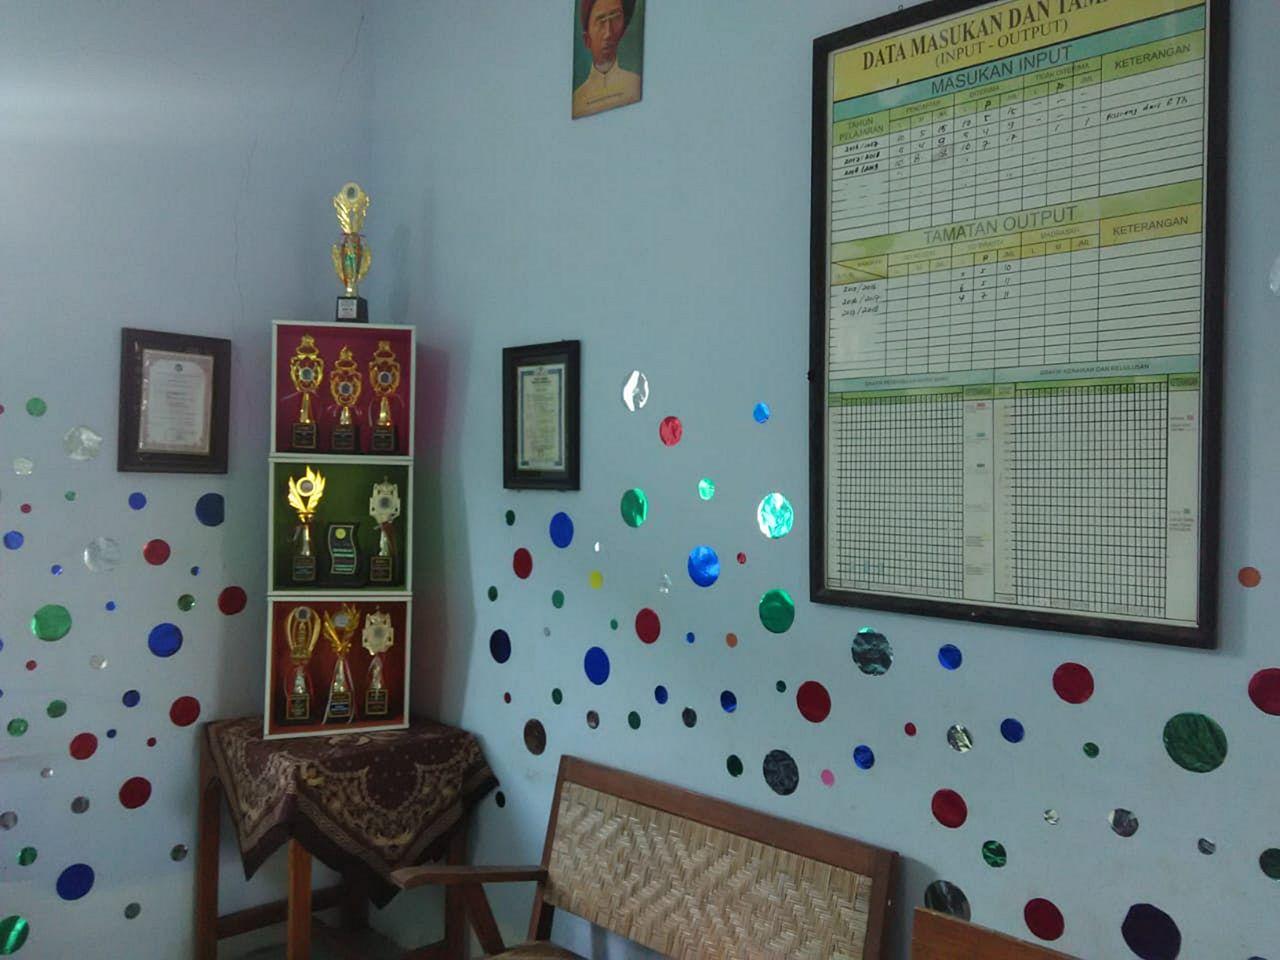 SD Muhammadiyah Bedoyo Sekolah Desa Nuansa Kota 04